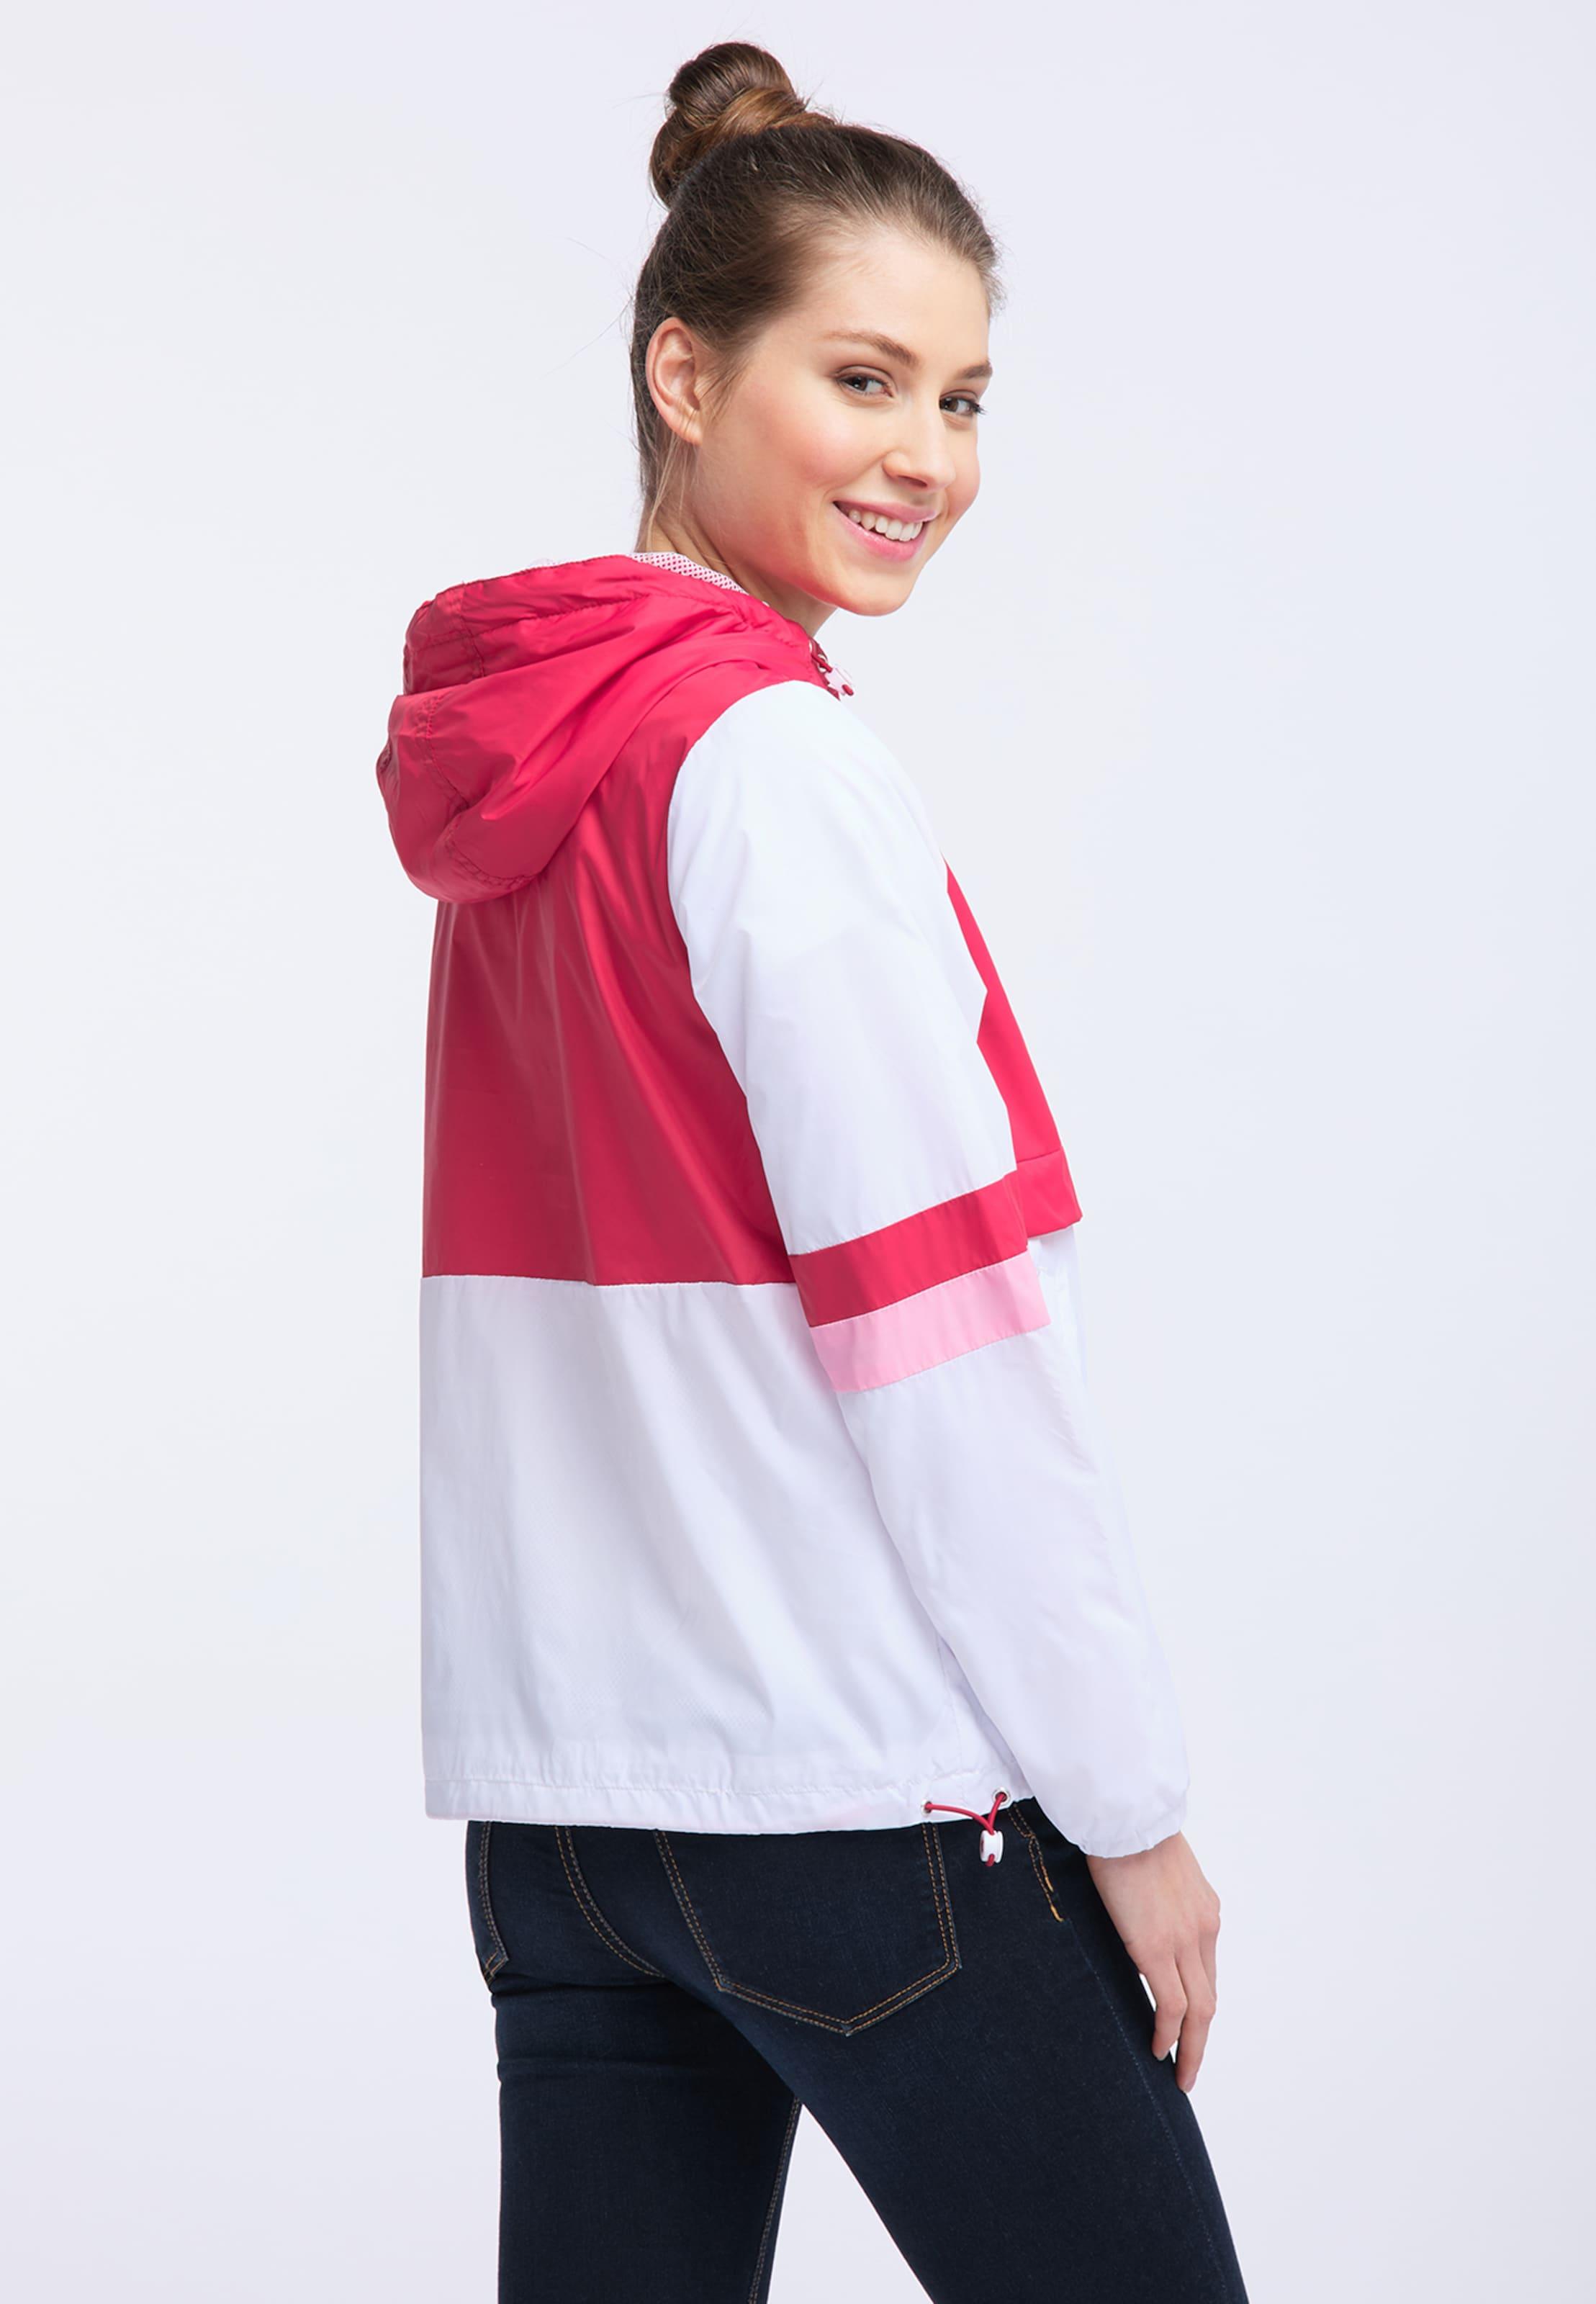 Veste Blanc En Mymo RosePitaya saison Mi JTK5F3cul1